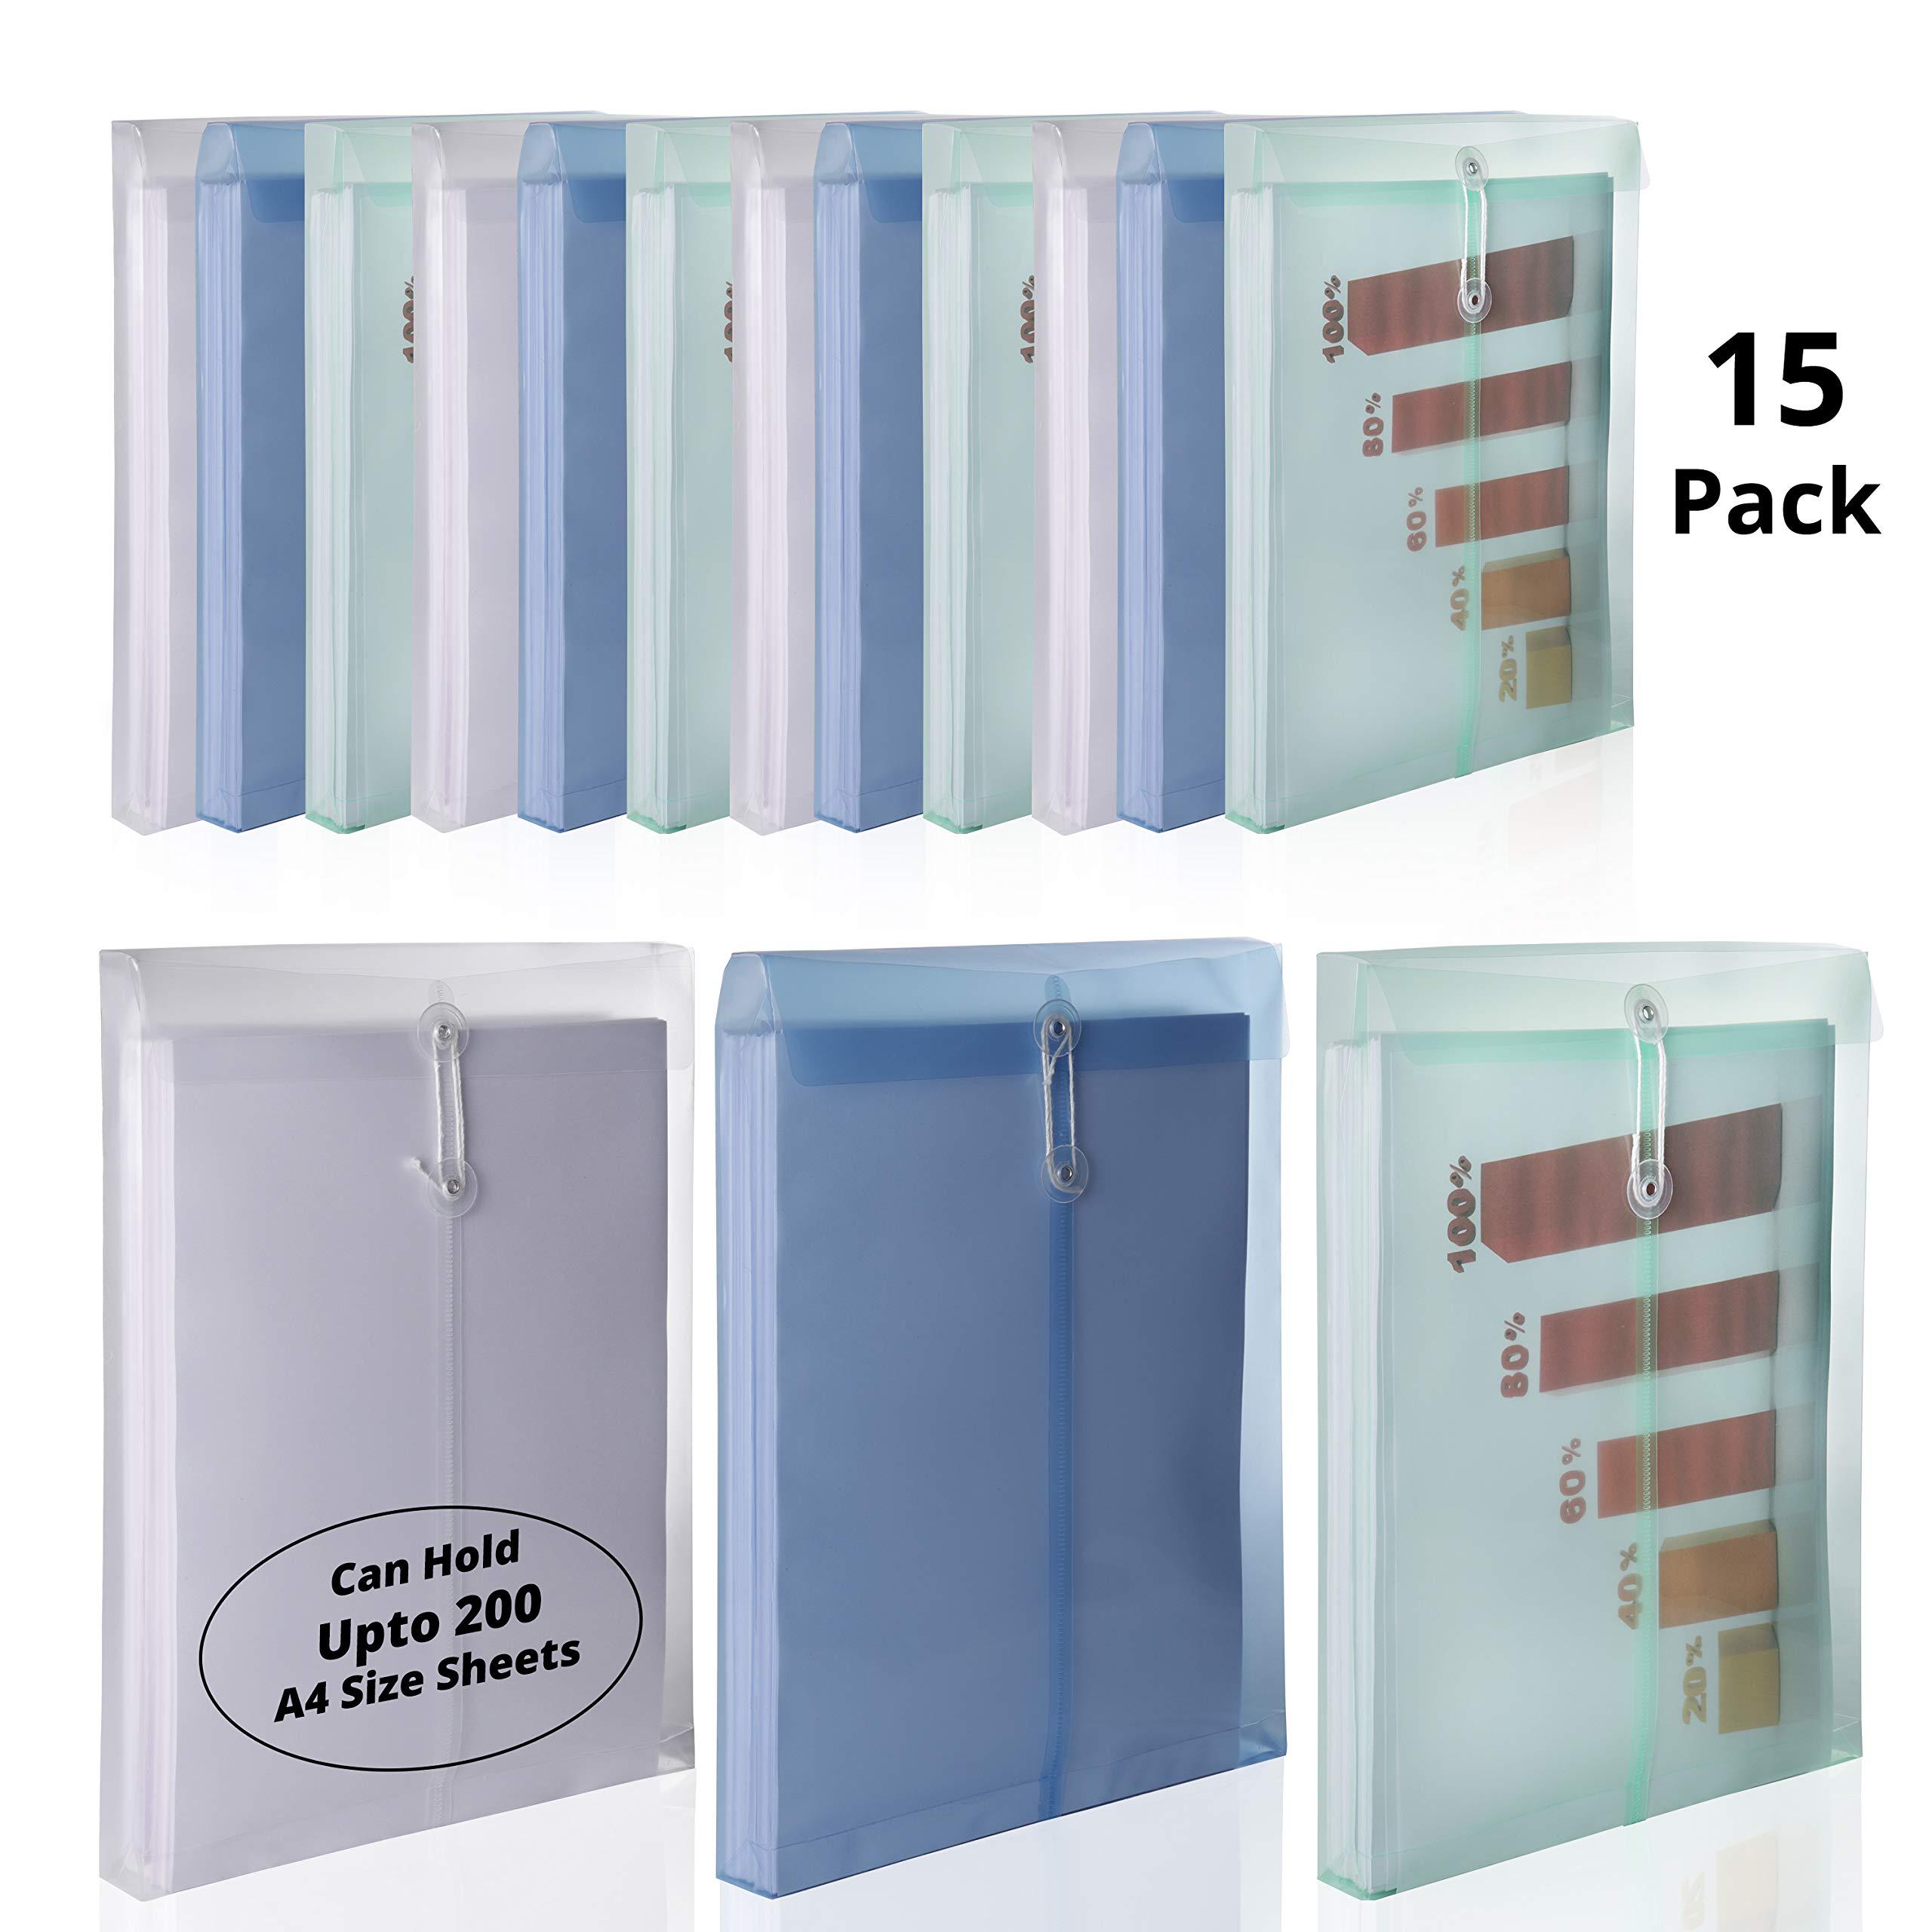 Carpeta A4 (15 Unidades) - Carpeta Sobre en Plastico con Cordel - Expansible Carpeta Portafolios Transparentes para Documentos, Certificados, Recibos, Trabajo, Escuela (3 Colores): Amazon.es: Oficina y papelería